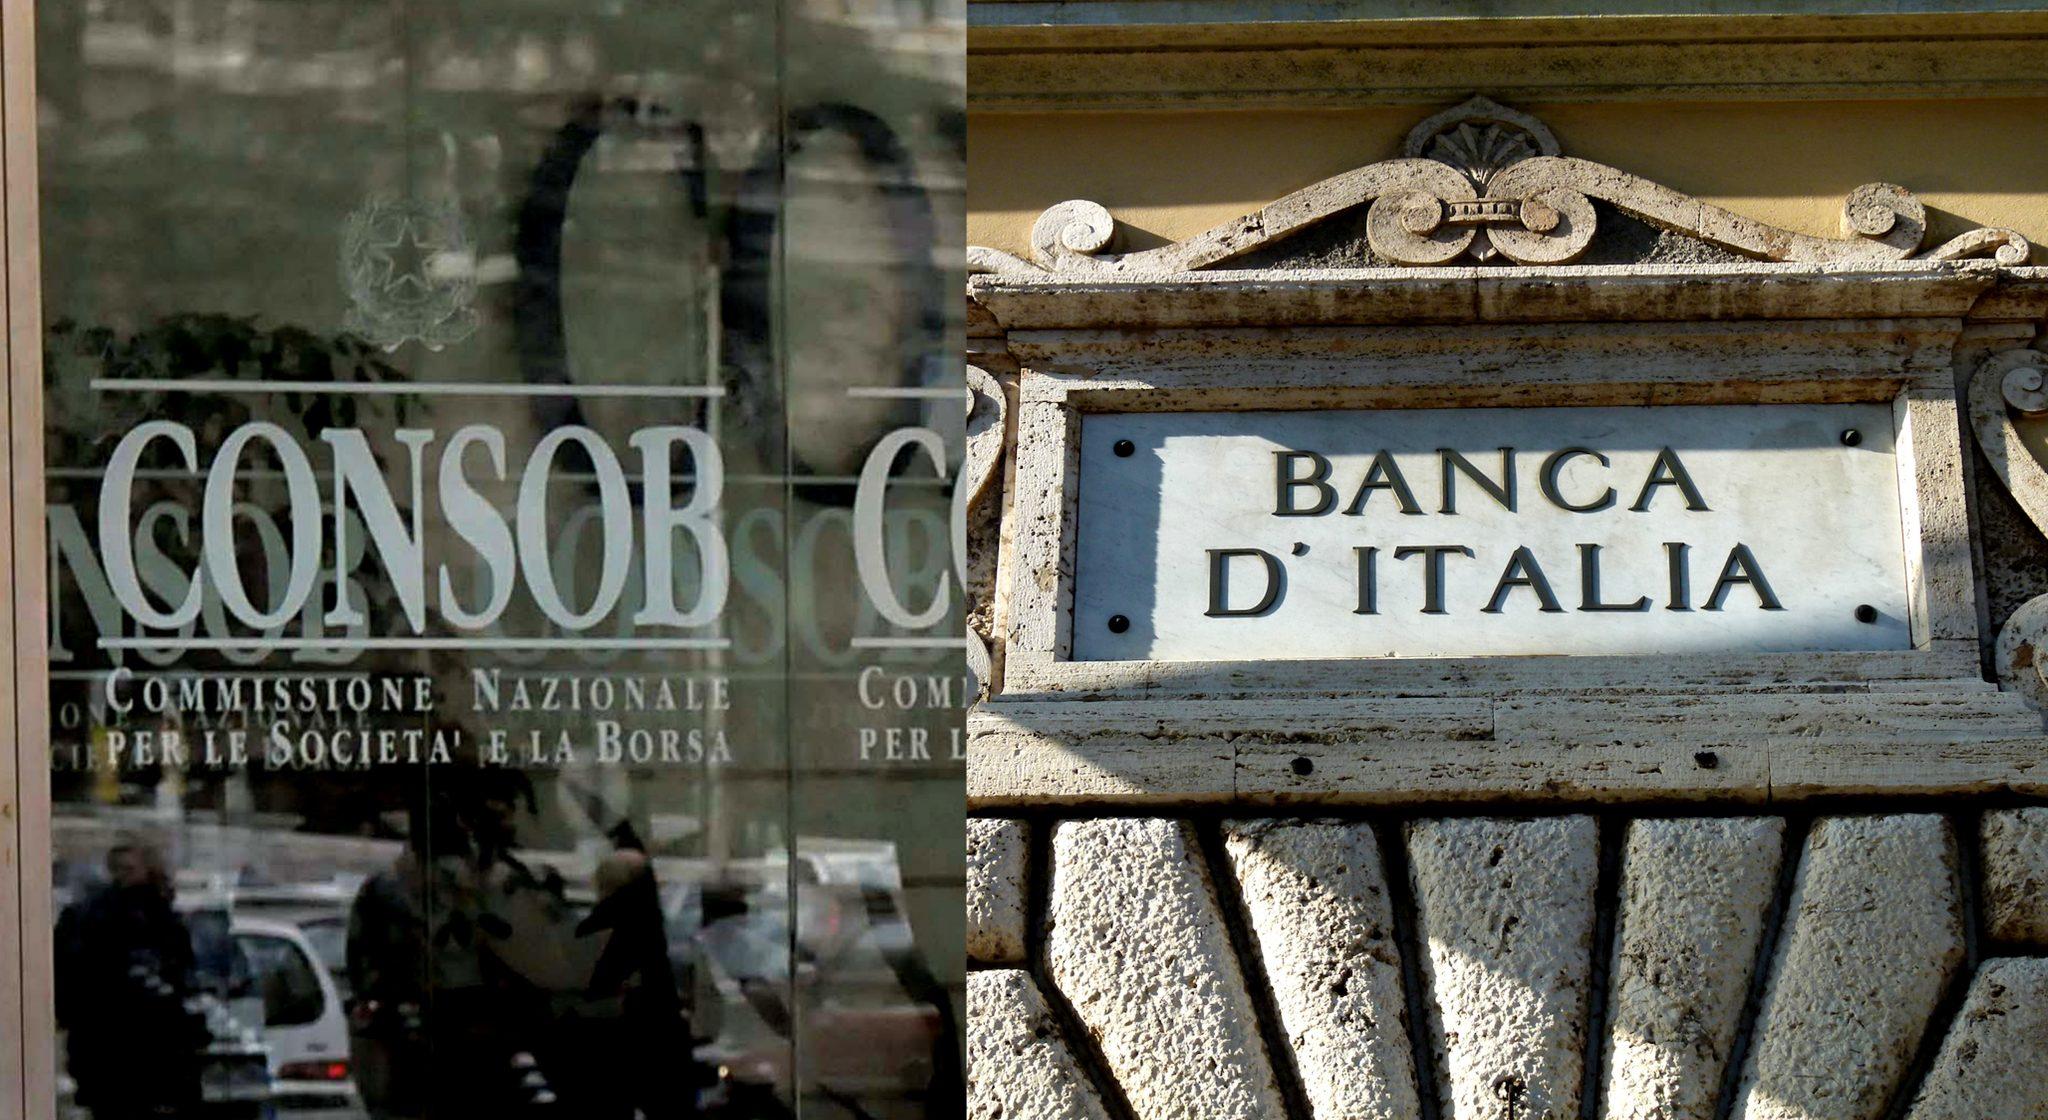 Le insegne di Consob e Banca d'Italia, le autorità di controllo degli istituti di credito italiani